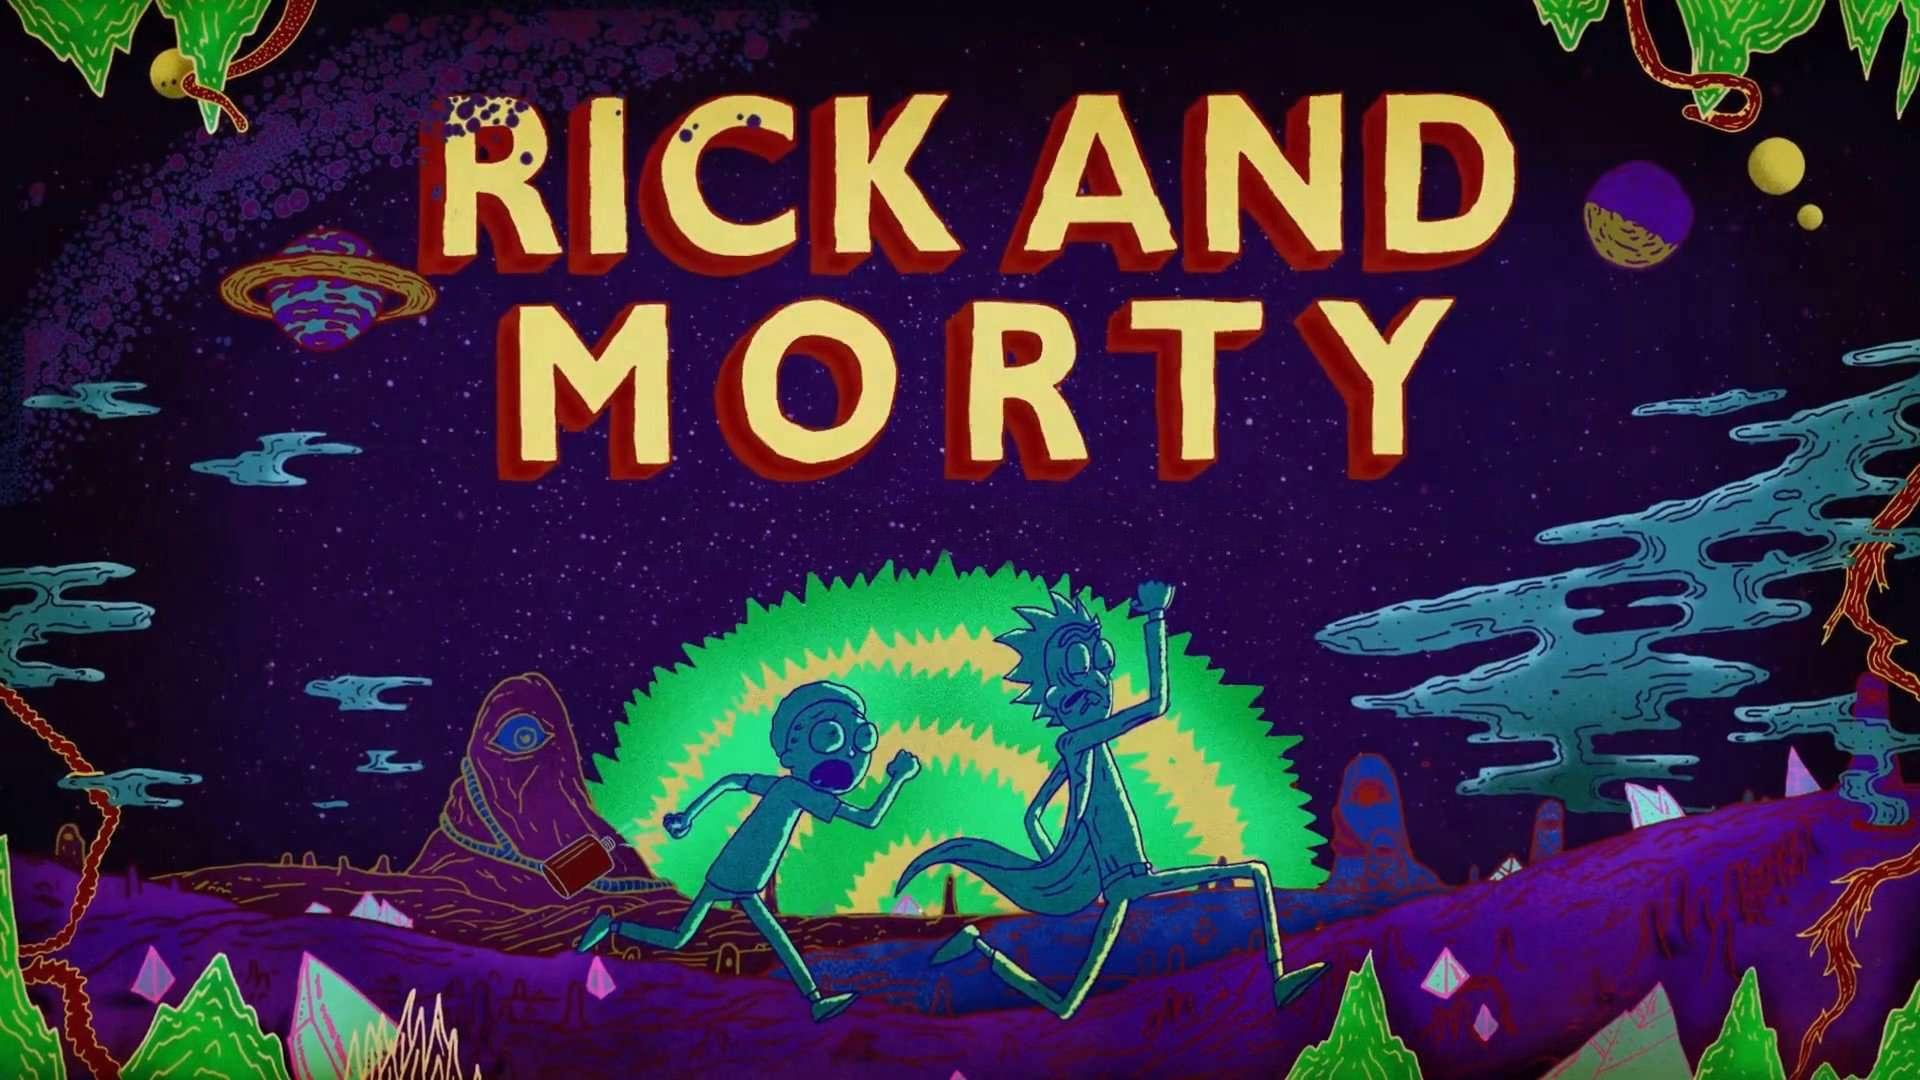 Отличные картинки на рабочий стол в хорошем качестве Рик и Морти 2